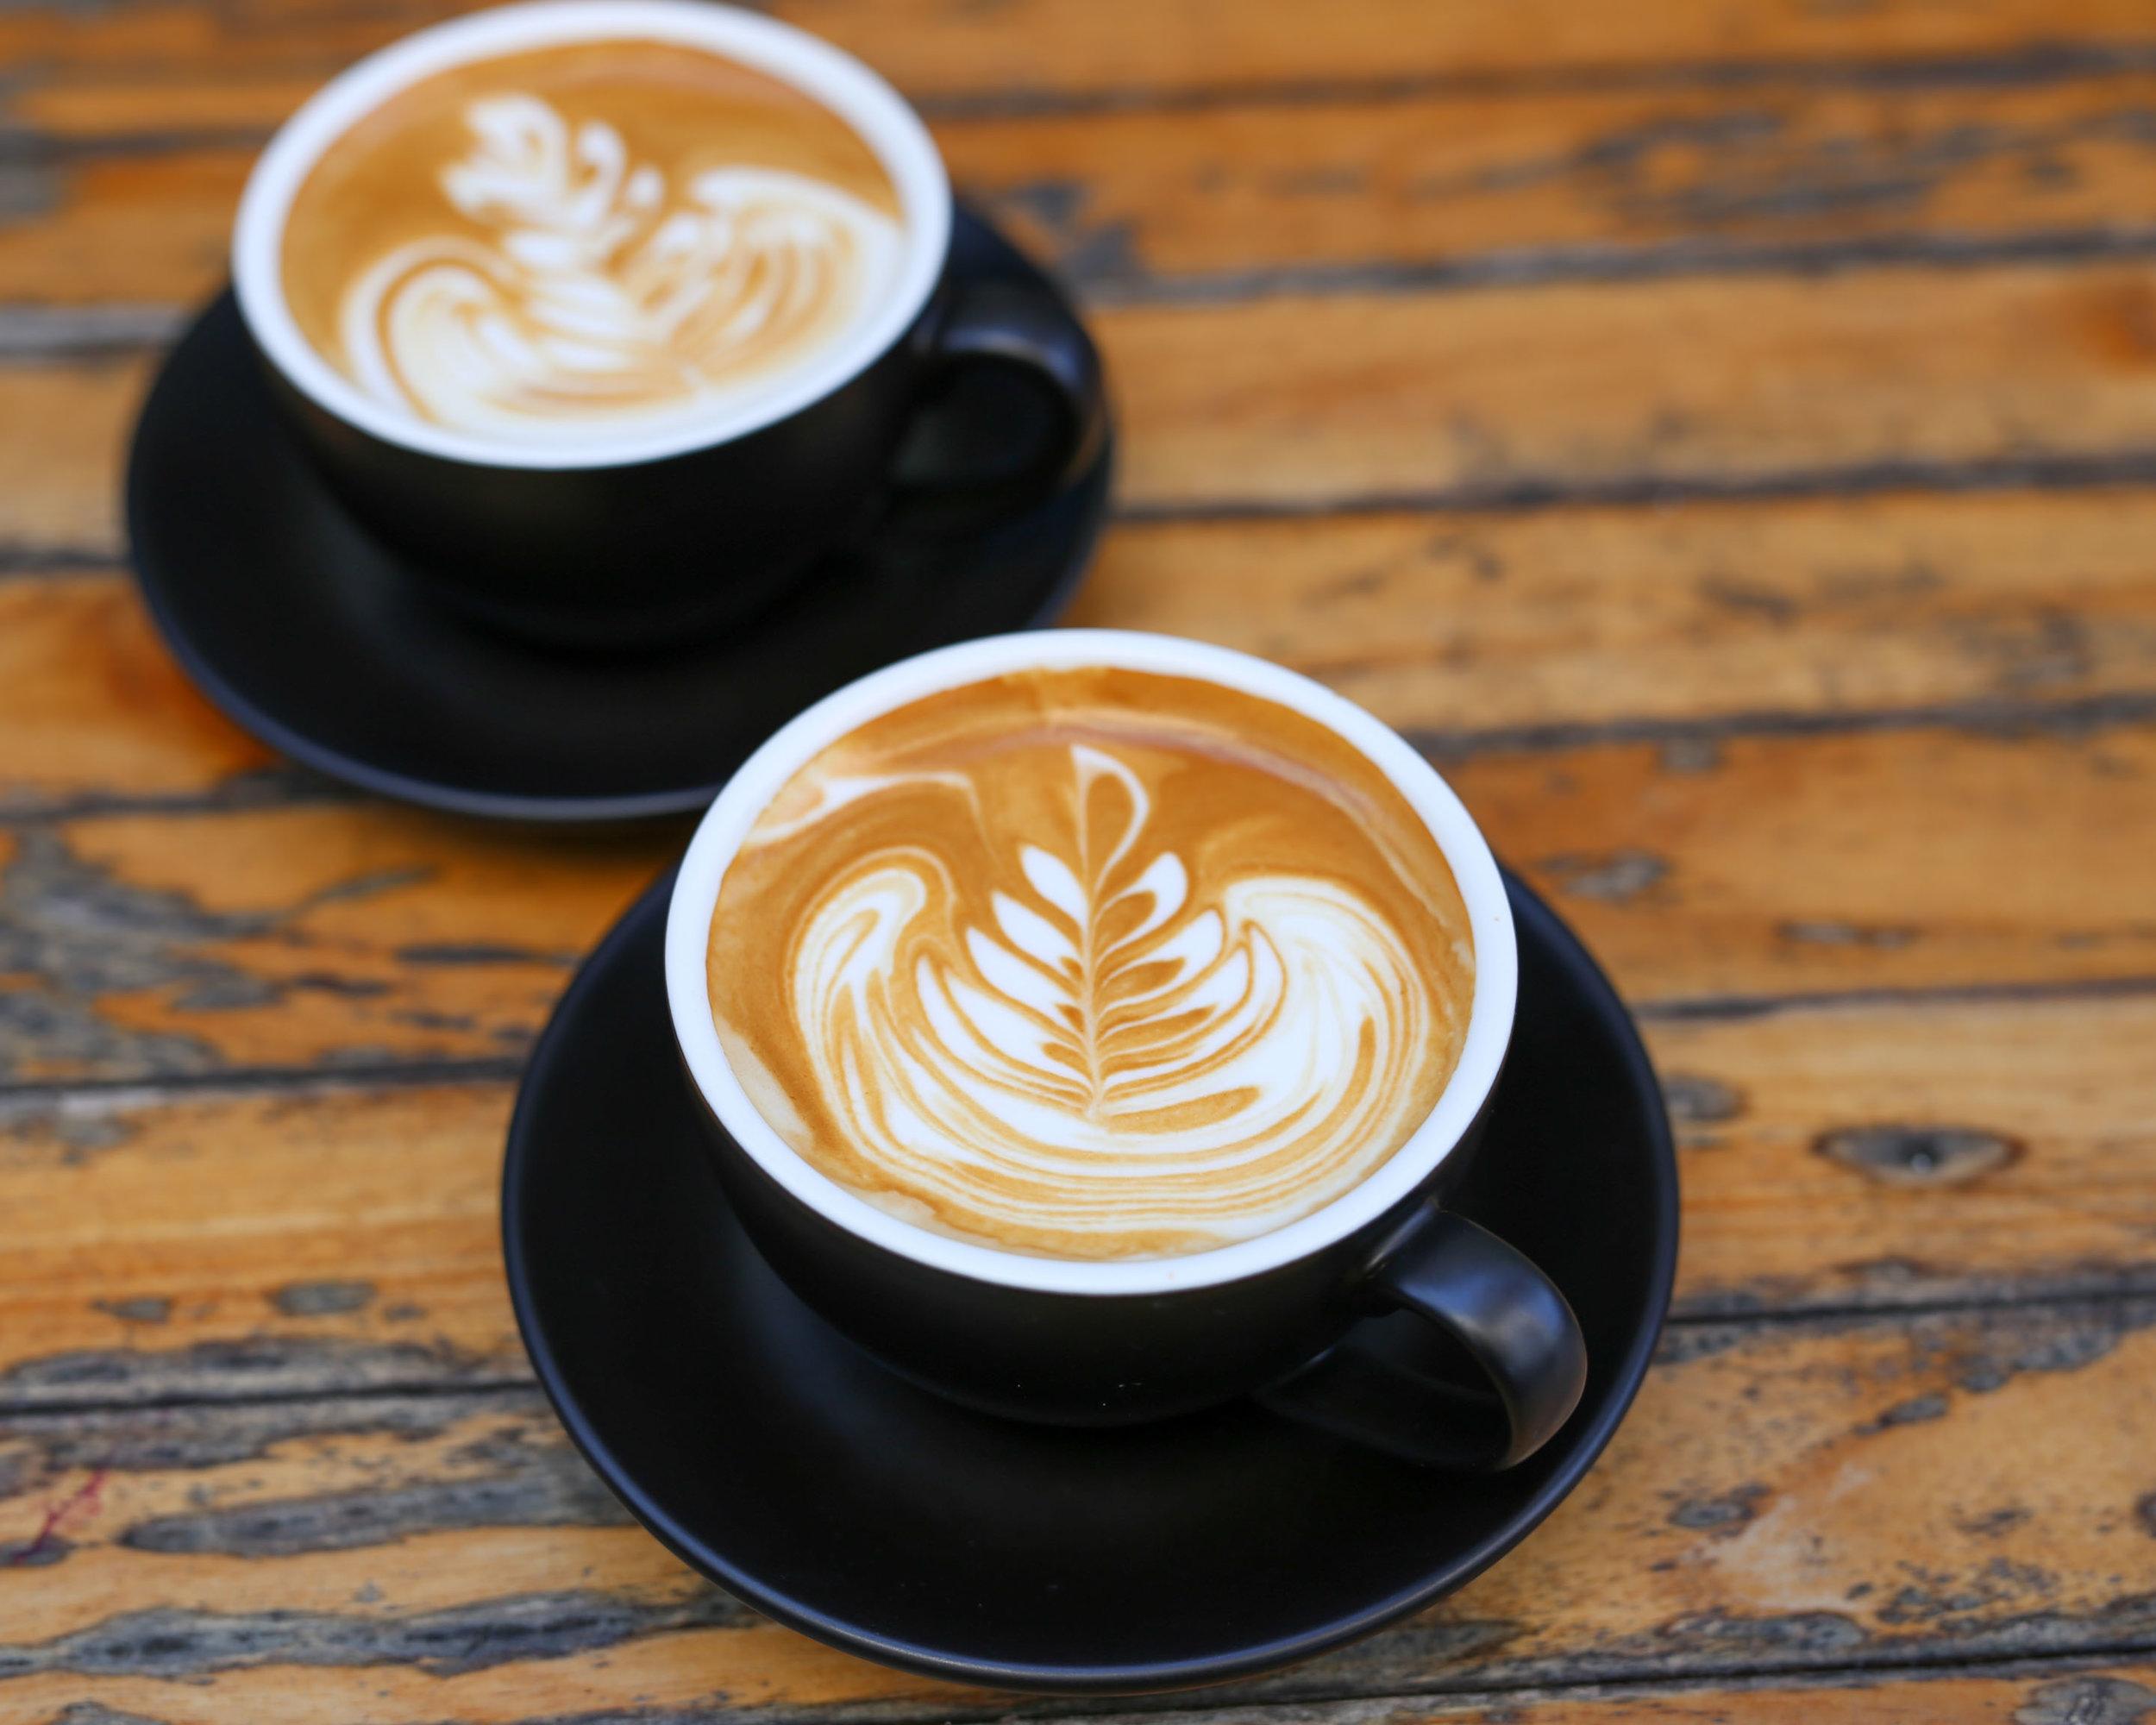 SheBangs_coffee_2880x2304.jpg